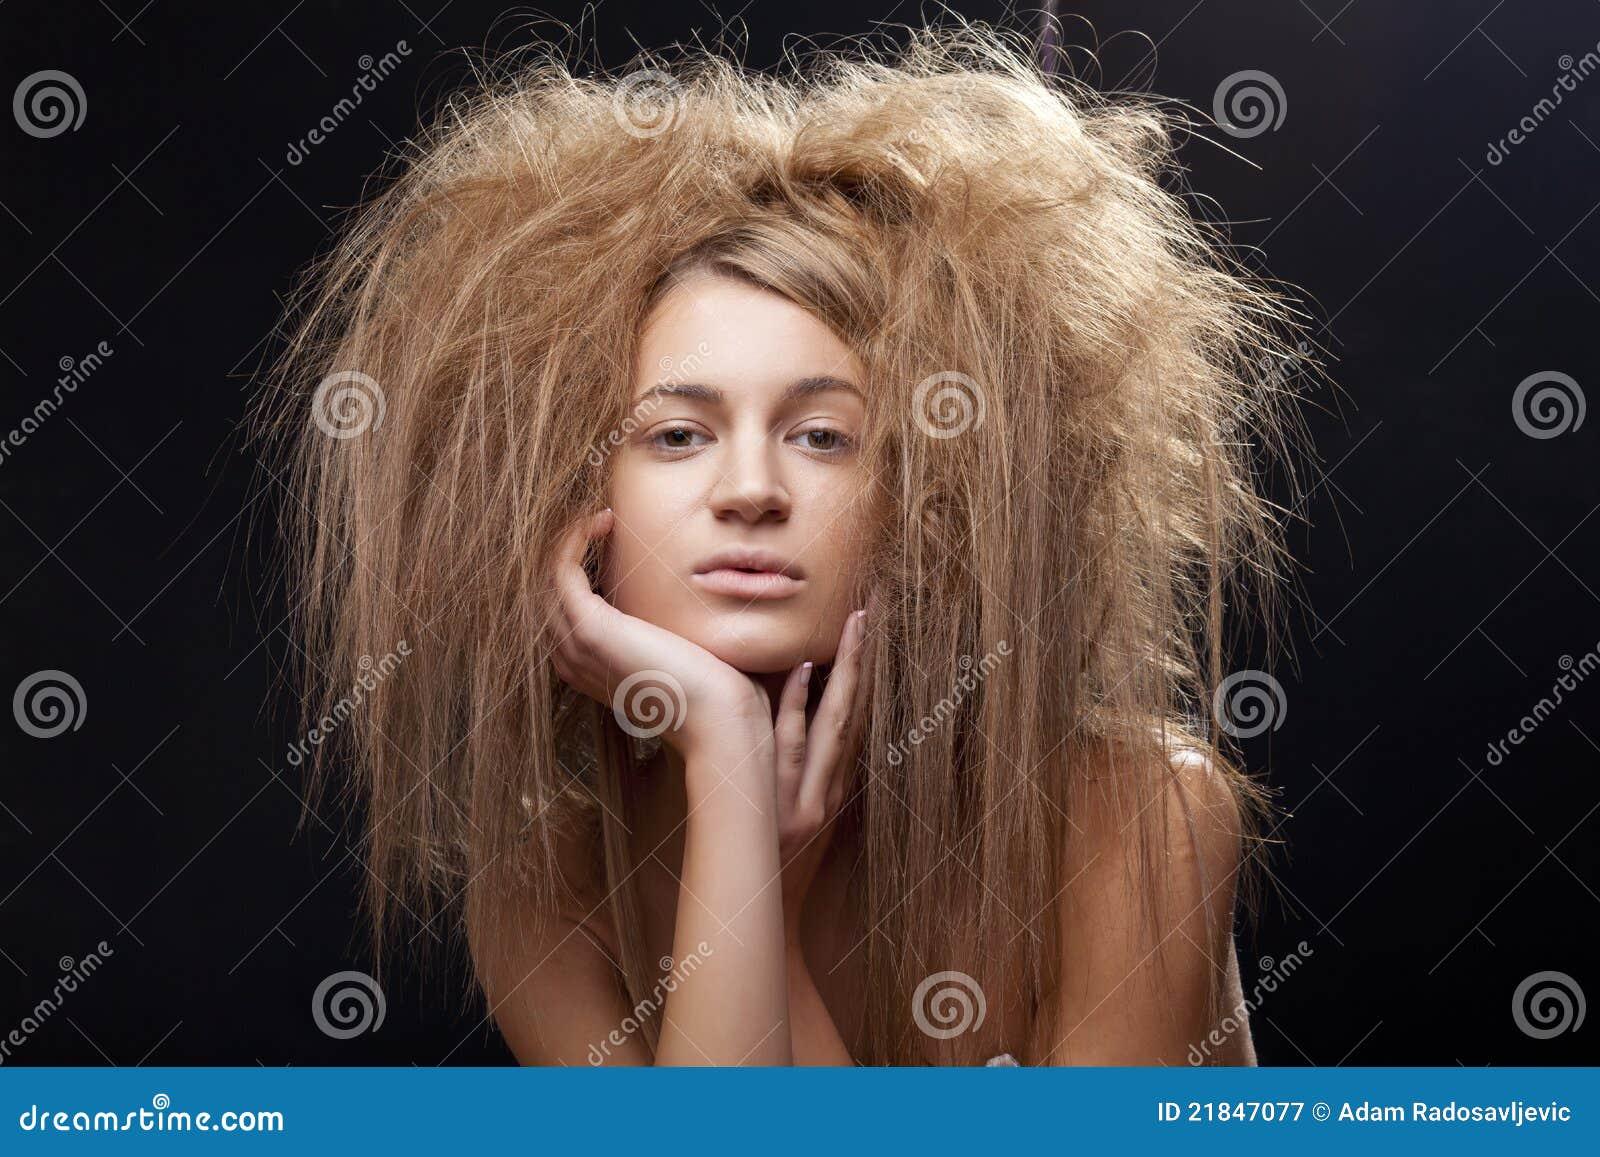 Причёска я у мамы дурочка